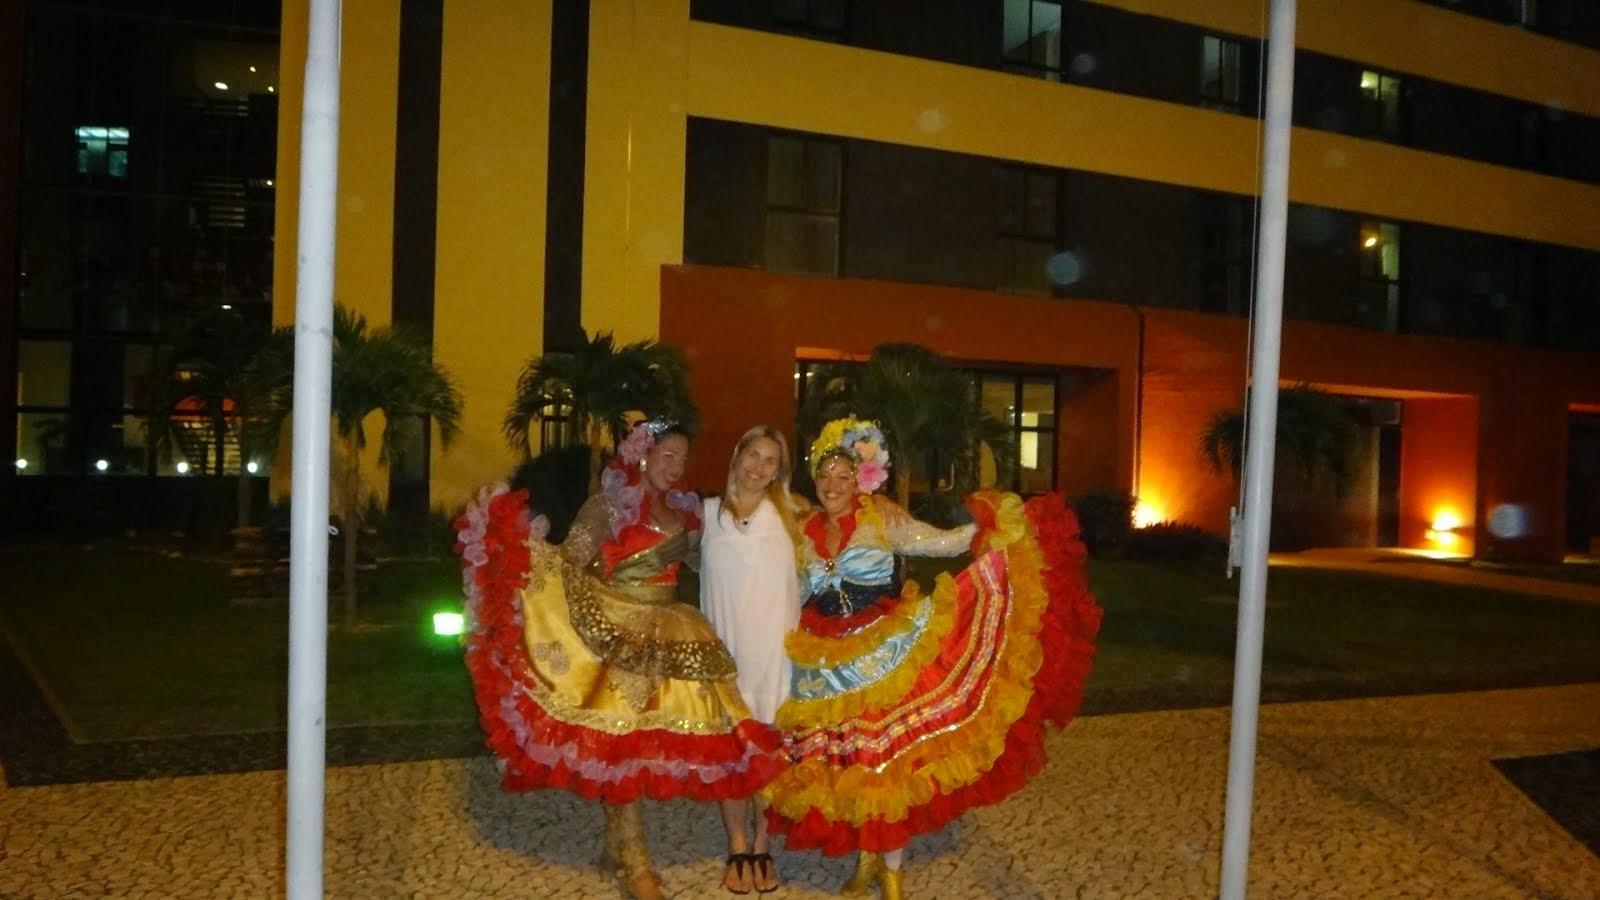 ARACAJU - BRASIL